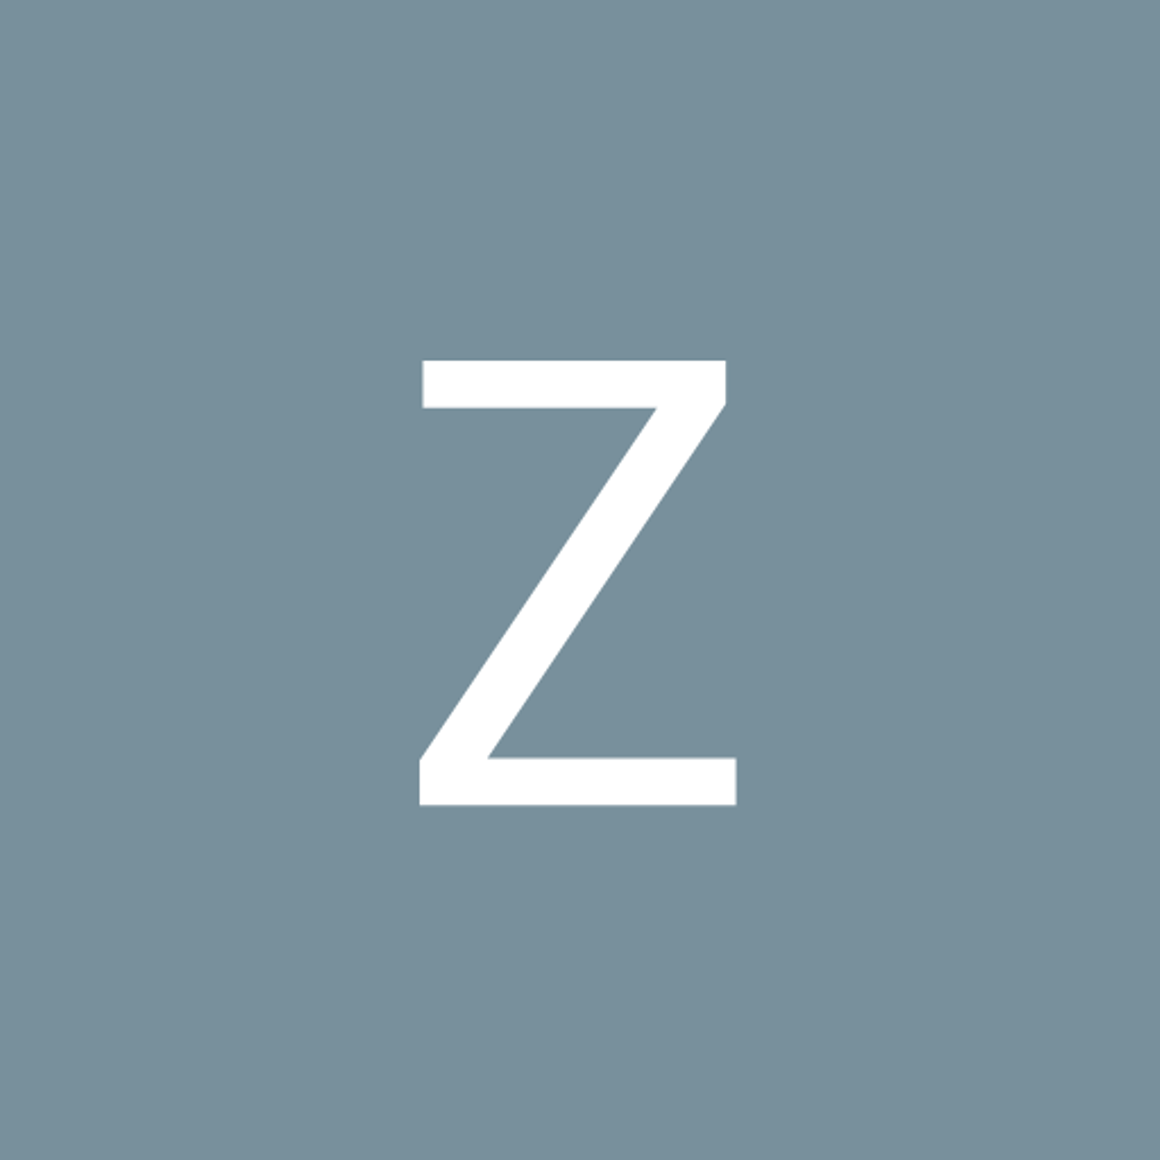 Zak As